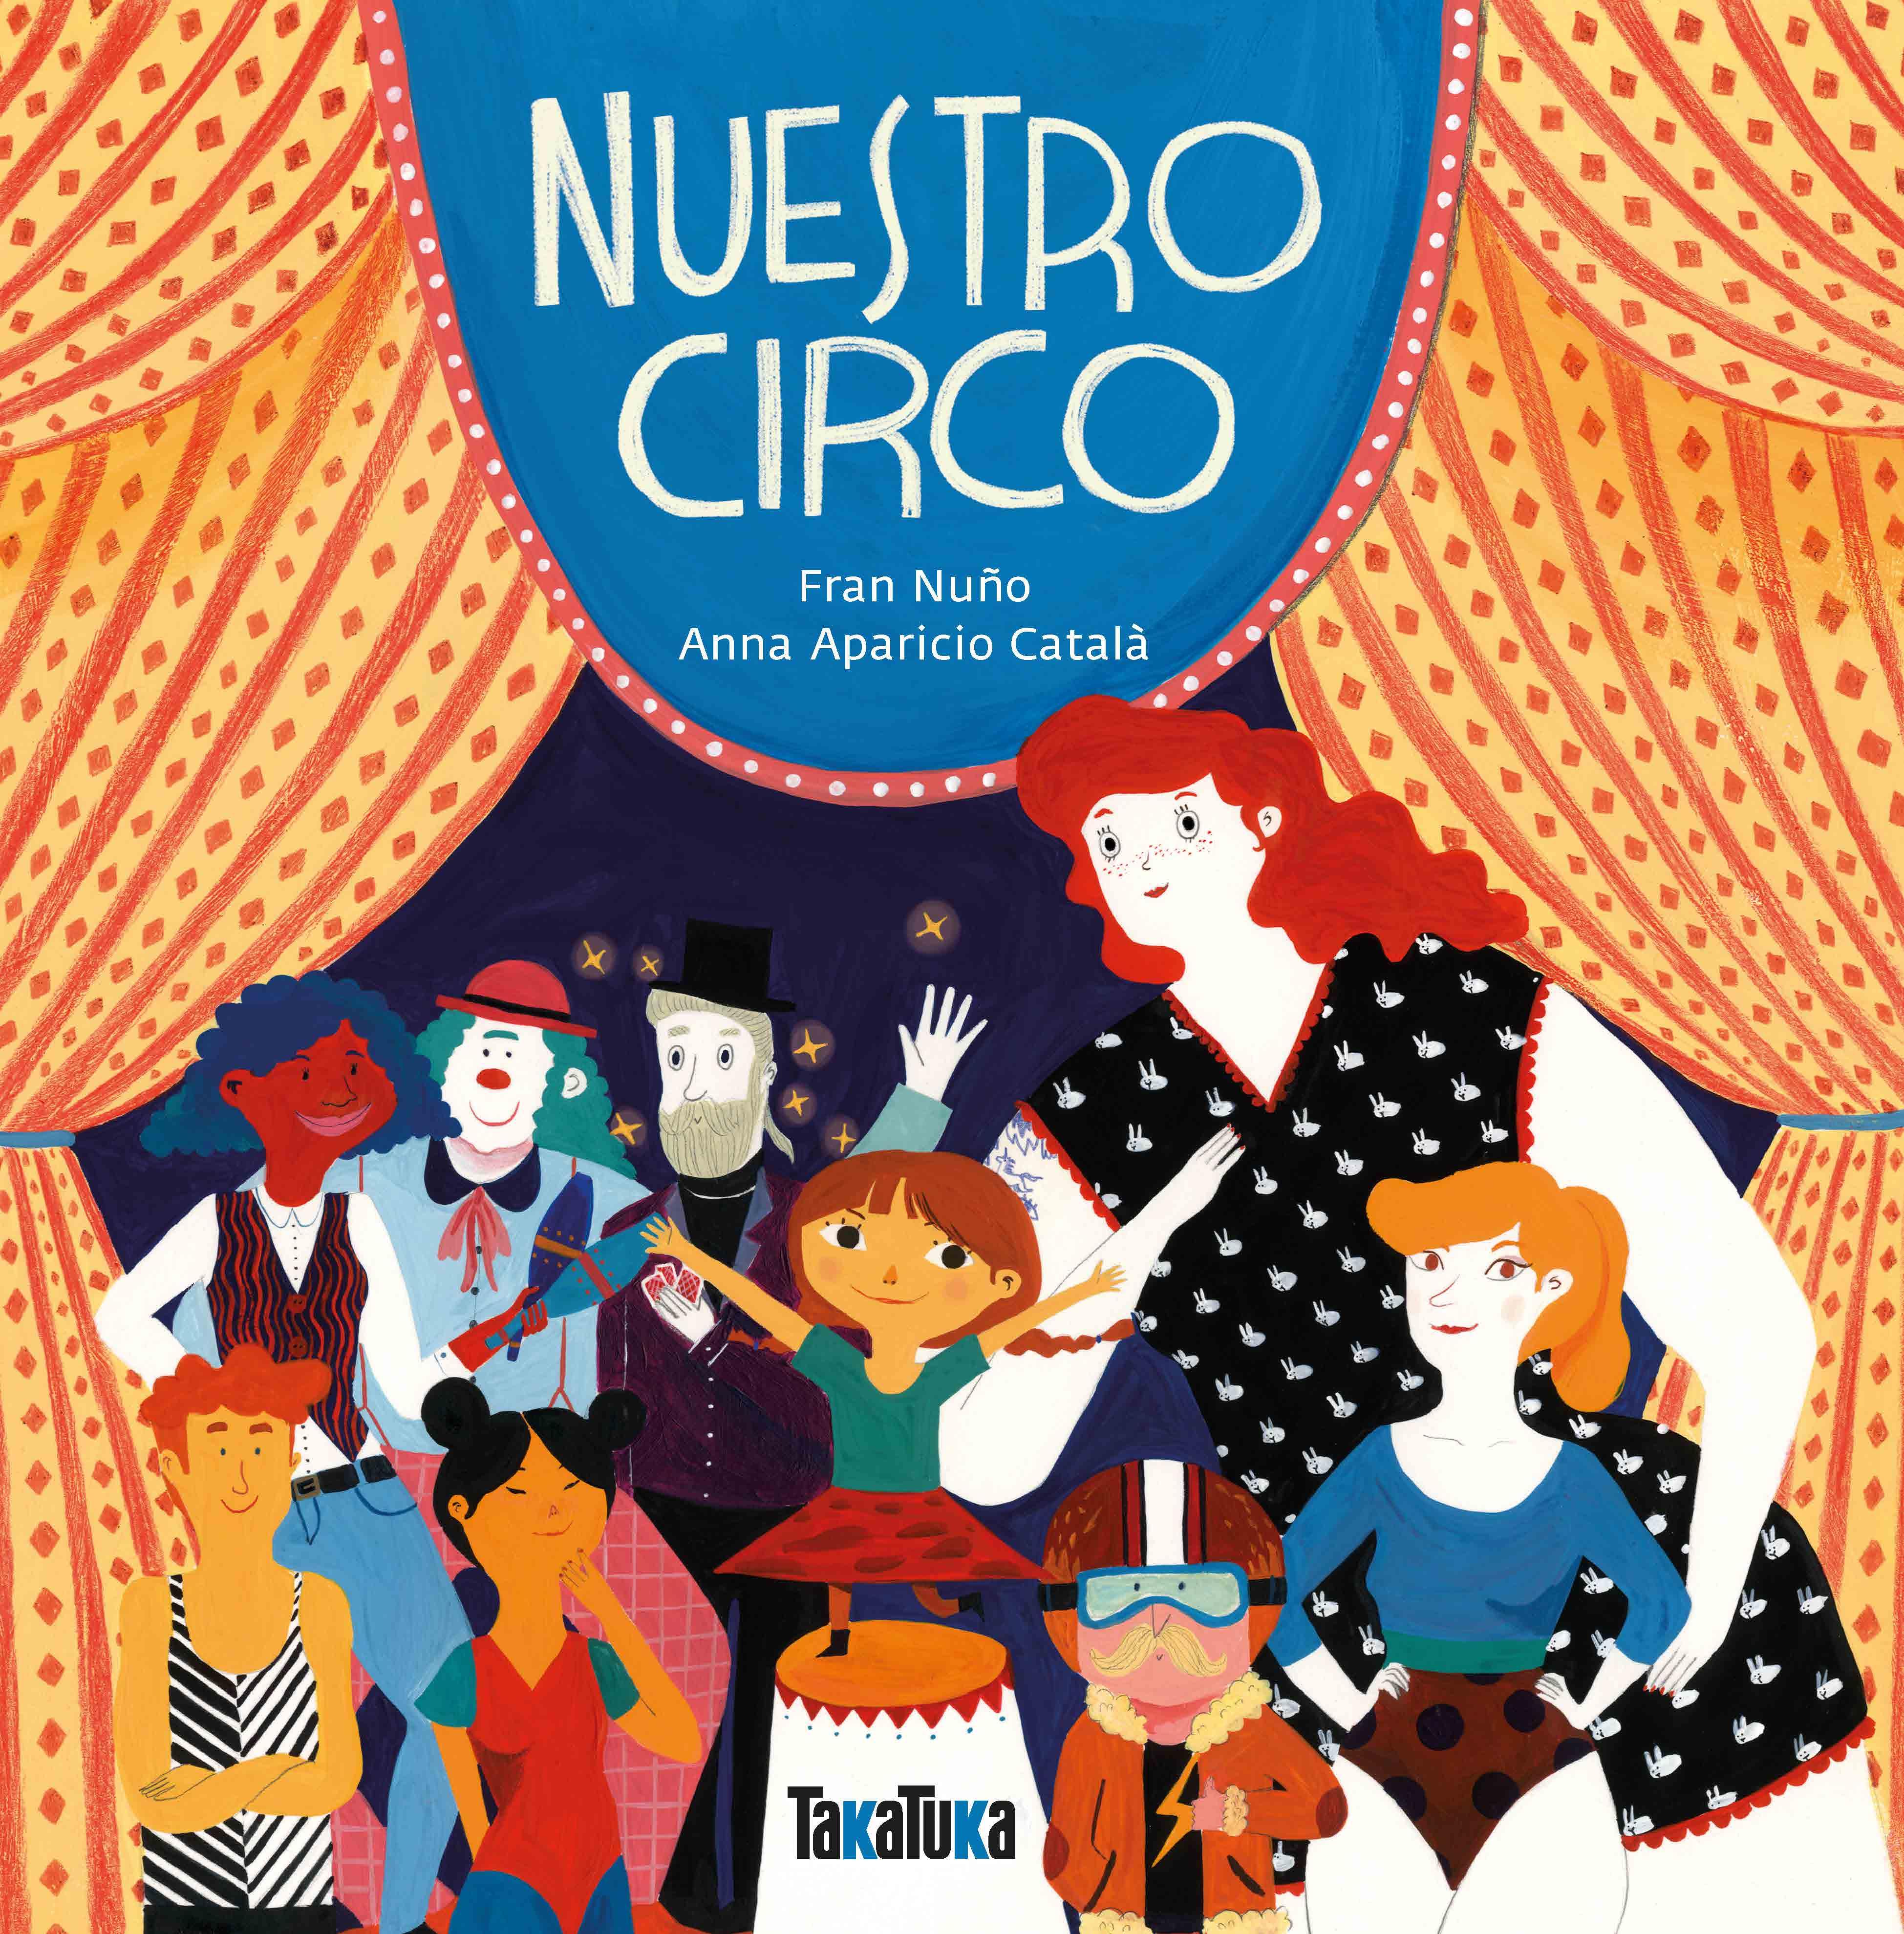 nuestro-circo-978-84-17383-11-4